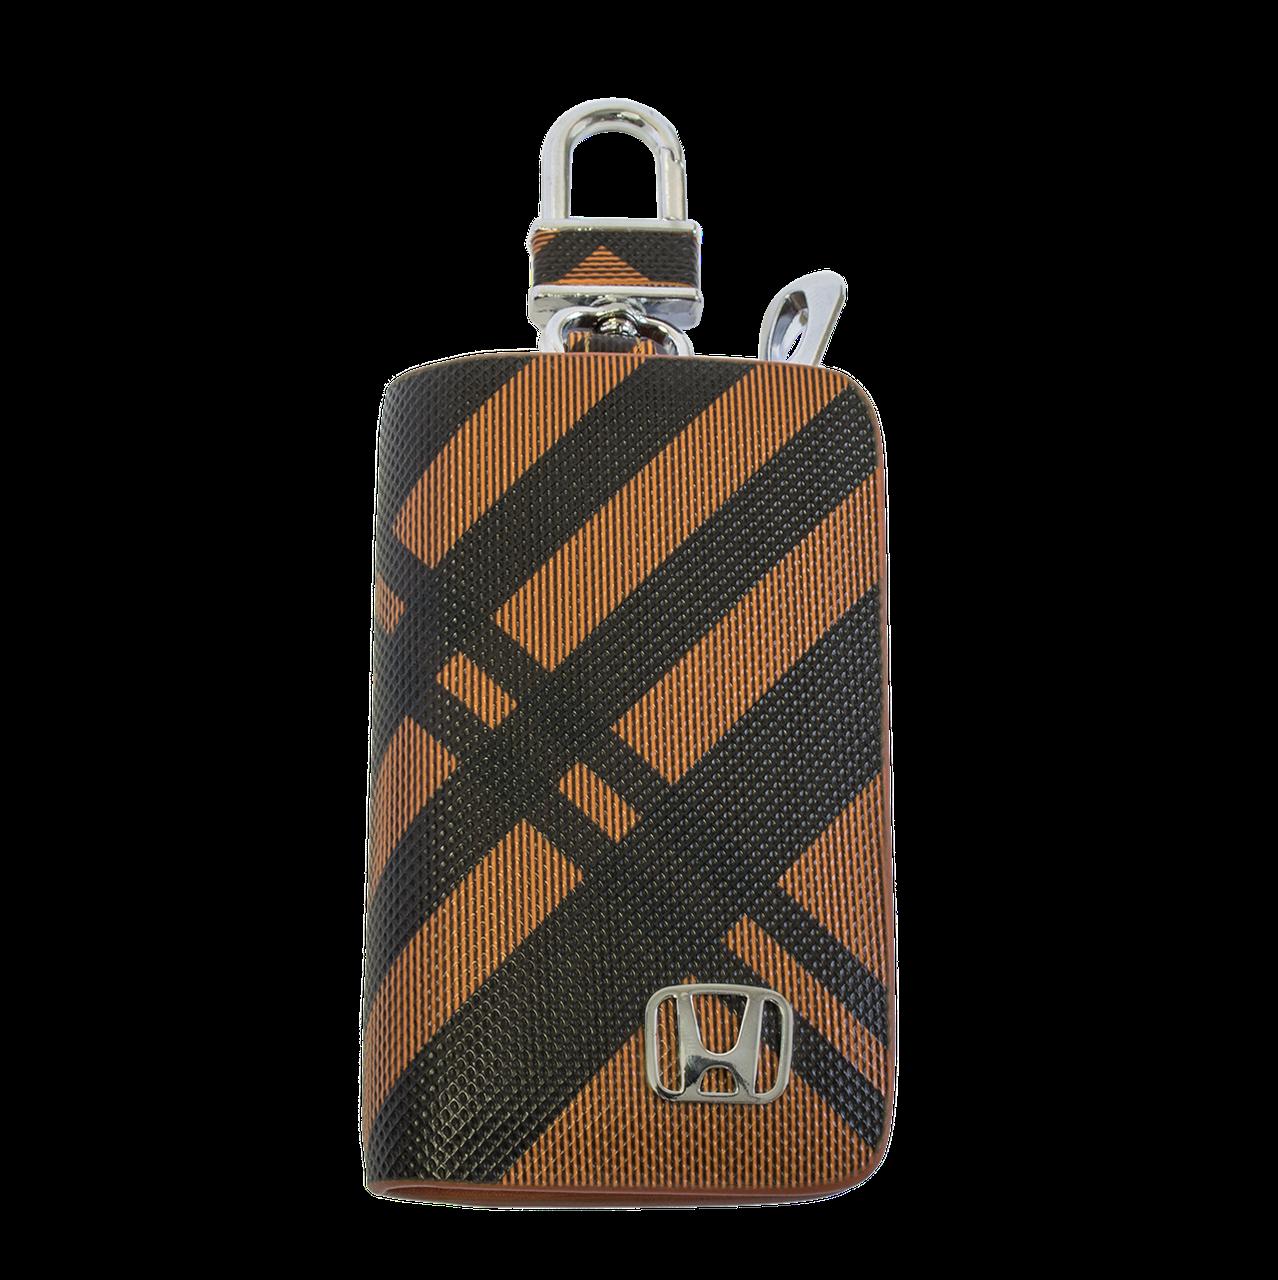 Ключниця Carss з логотипом HONDA 08014 карбон коричневий